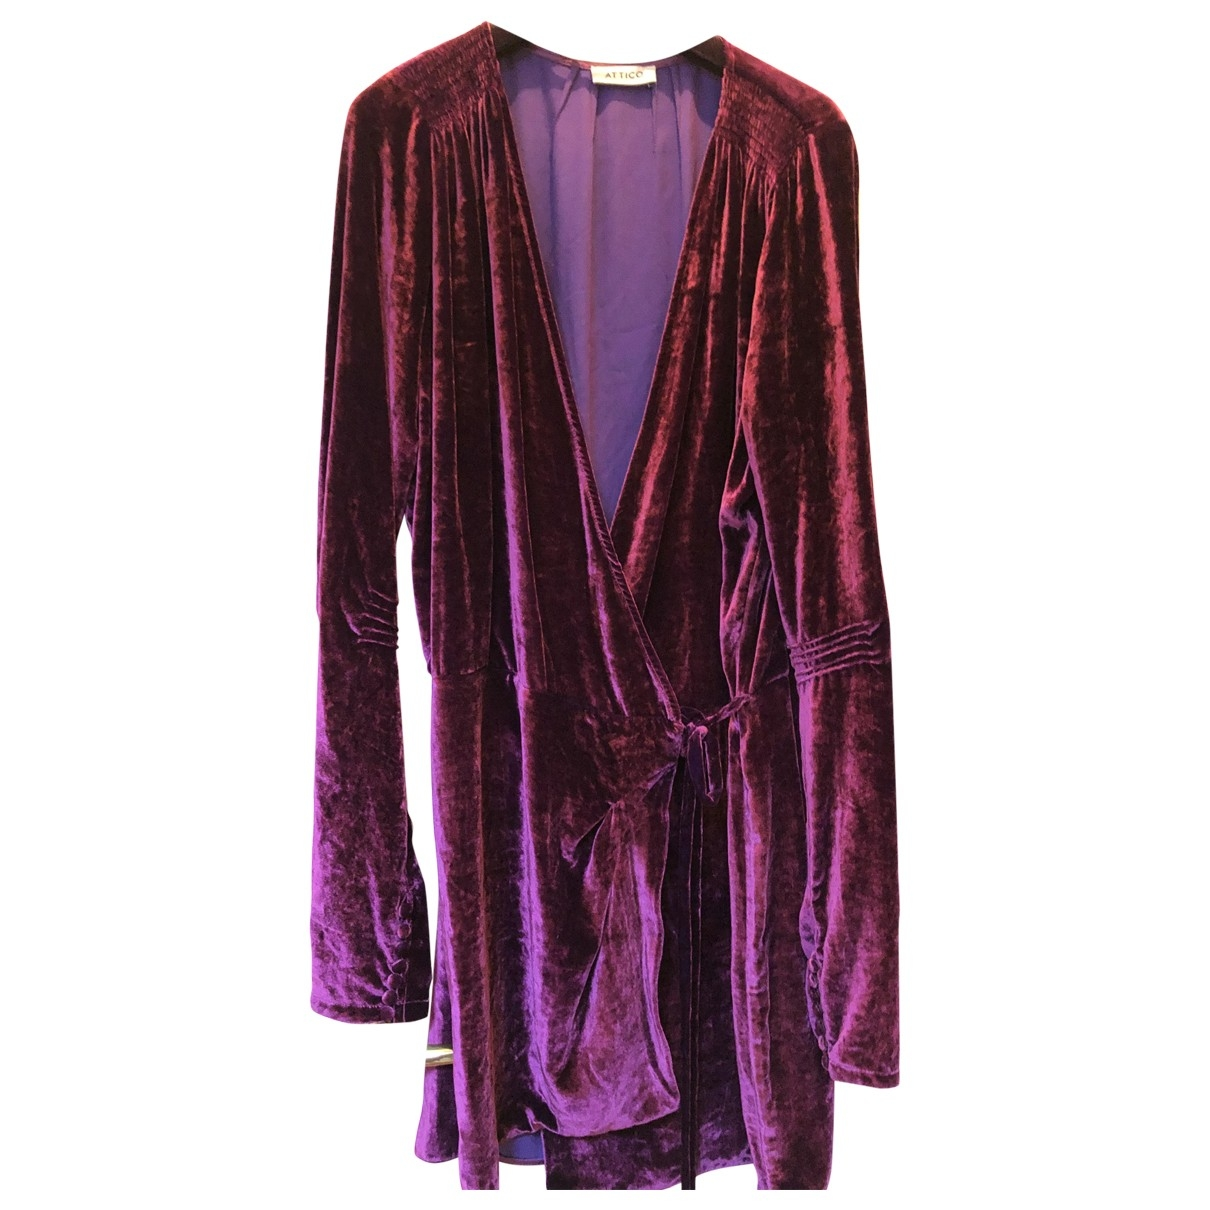 Attico \N Purple Velvet dress for Women 3 0-5